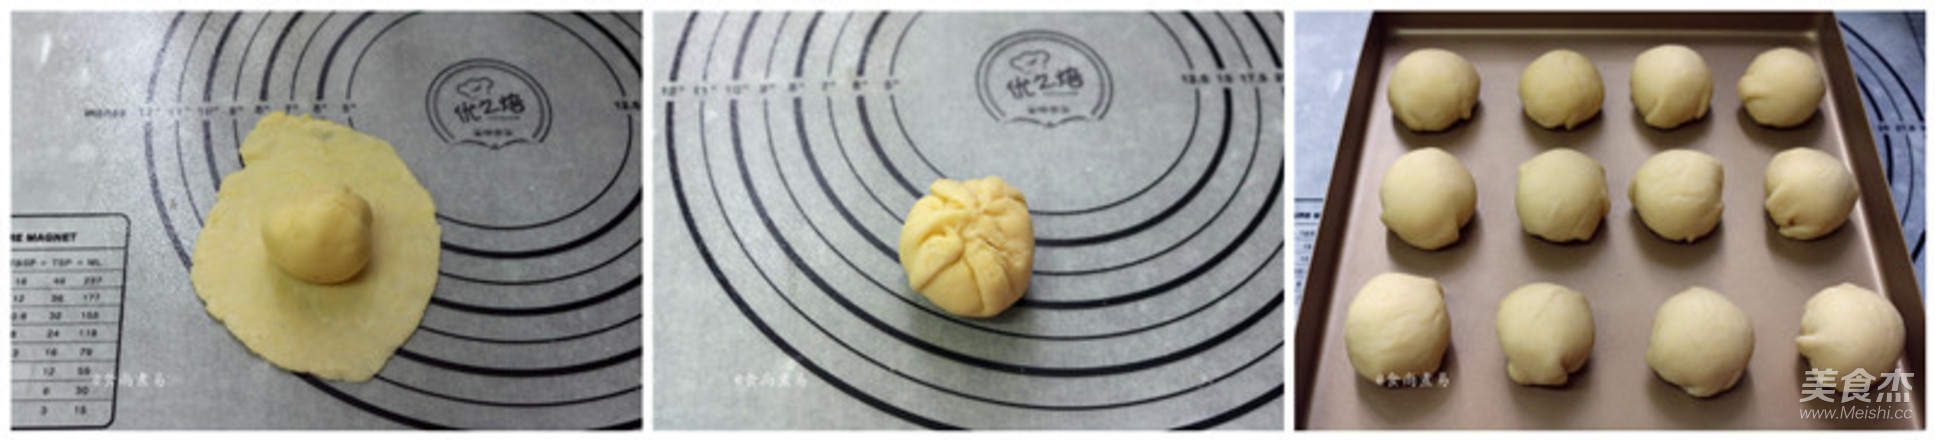 麻糬绿豆酥的简单做法